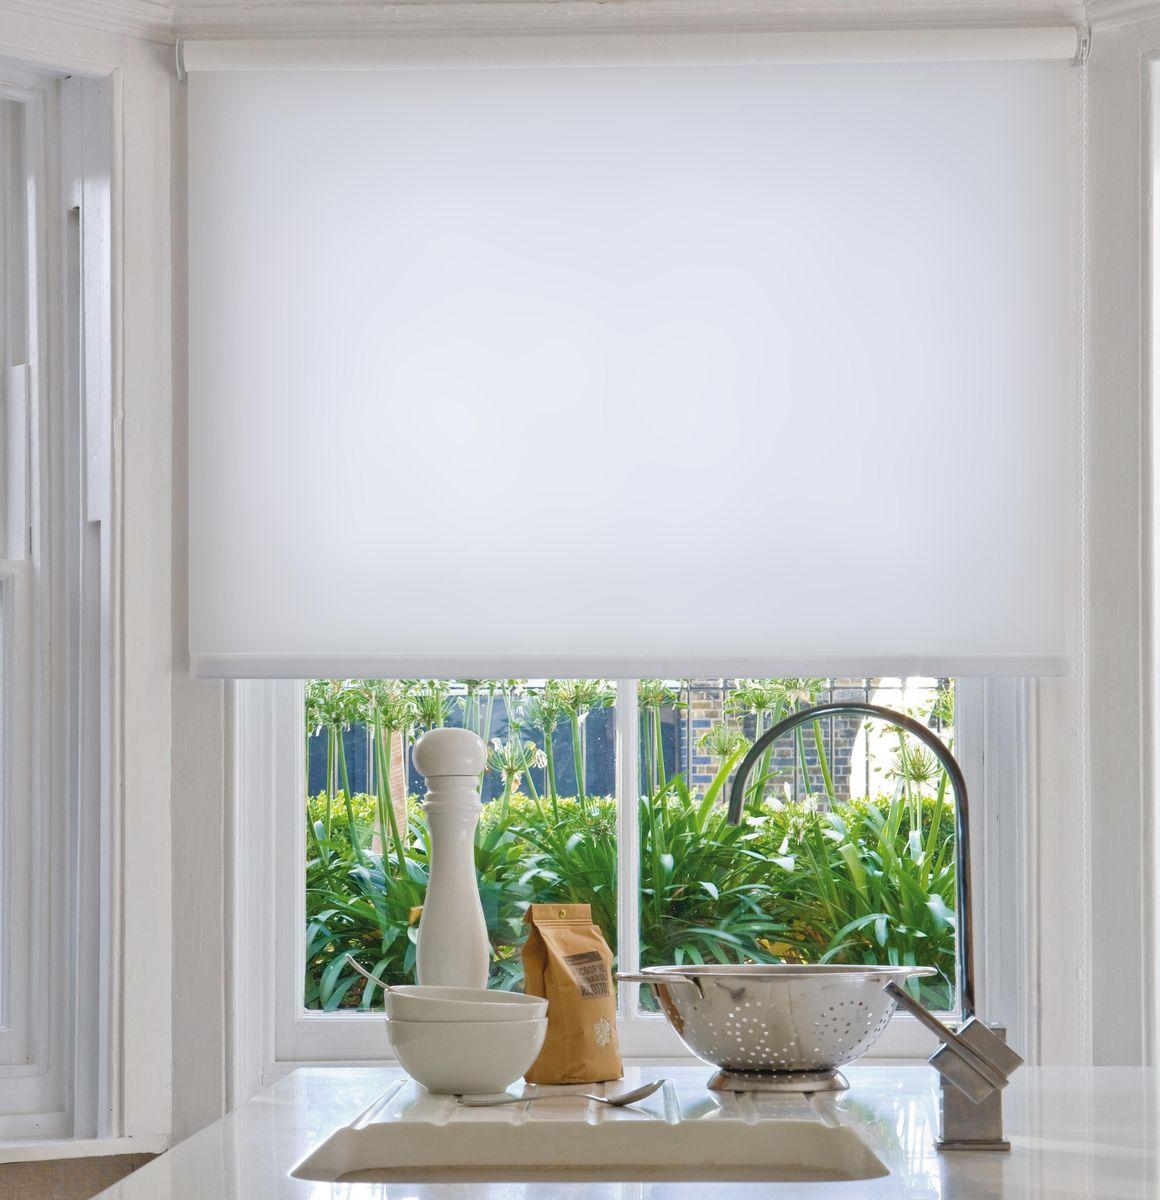 Штора рулонная Эскар Ролло. Однотонные, цвет: белый, ширина 120 см, высота 170 см8008120170Рулонными шторами Эскар можно оформлять окна как самостоятельно, так и использовать в комбинации с портьерами. Это поможет предотвратить выгорание дорогой ткани на солнце и соединит функционал рулонных с красотой навесных. Преимущества применения рулонных штор для пластиковых окон: - имеют прекрасный внешний вид: многообразие и фактурность материала изделия отлично смотрятся в любом интерьере;- многофункциональны: есть возможность подобрать шторы способные эффективно защитить комнату от солнца, при этом она не будет слишком темной;- есть возможность осуществить быстрый монтаж.ВНИМАНИЕ! Размеры ширины изделия указаны по ширине ткани! Ширина крепежа 3,5 см Во время эксплуатации не рекомендуется полностью разматывать рулон, чтобы не оторвать ткань от намоточного вала. В случае загрязнения поверхности ткани, чистку шторы проводят одним из способов, в зависимости от типа загрязнения:легкое поверхностное загрязнение можно удалить при помощи канцелярского ластика;чистка от пыли производится сухим методом при помощи пылесоса с мягкой щеткой-насадкой;для удаления пятна используйте мягкую губку с пенообразующим неагрессивным моющим средством или пятновыводитель на натуральной основе (нельзя применять растворители).